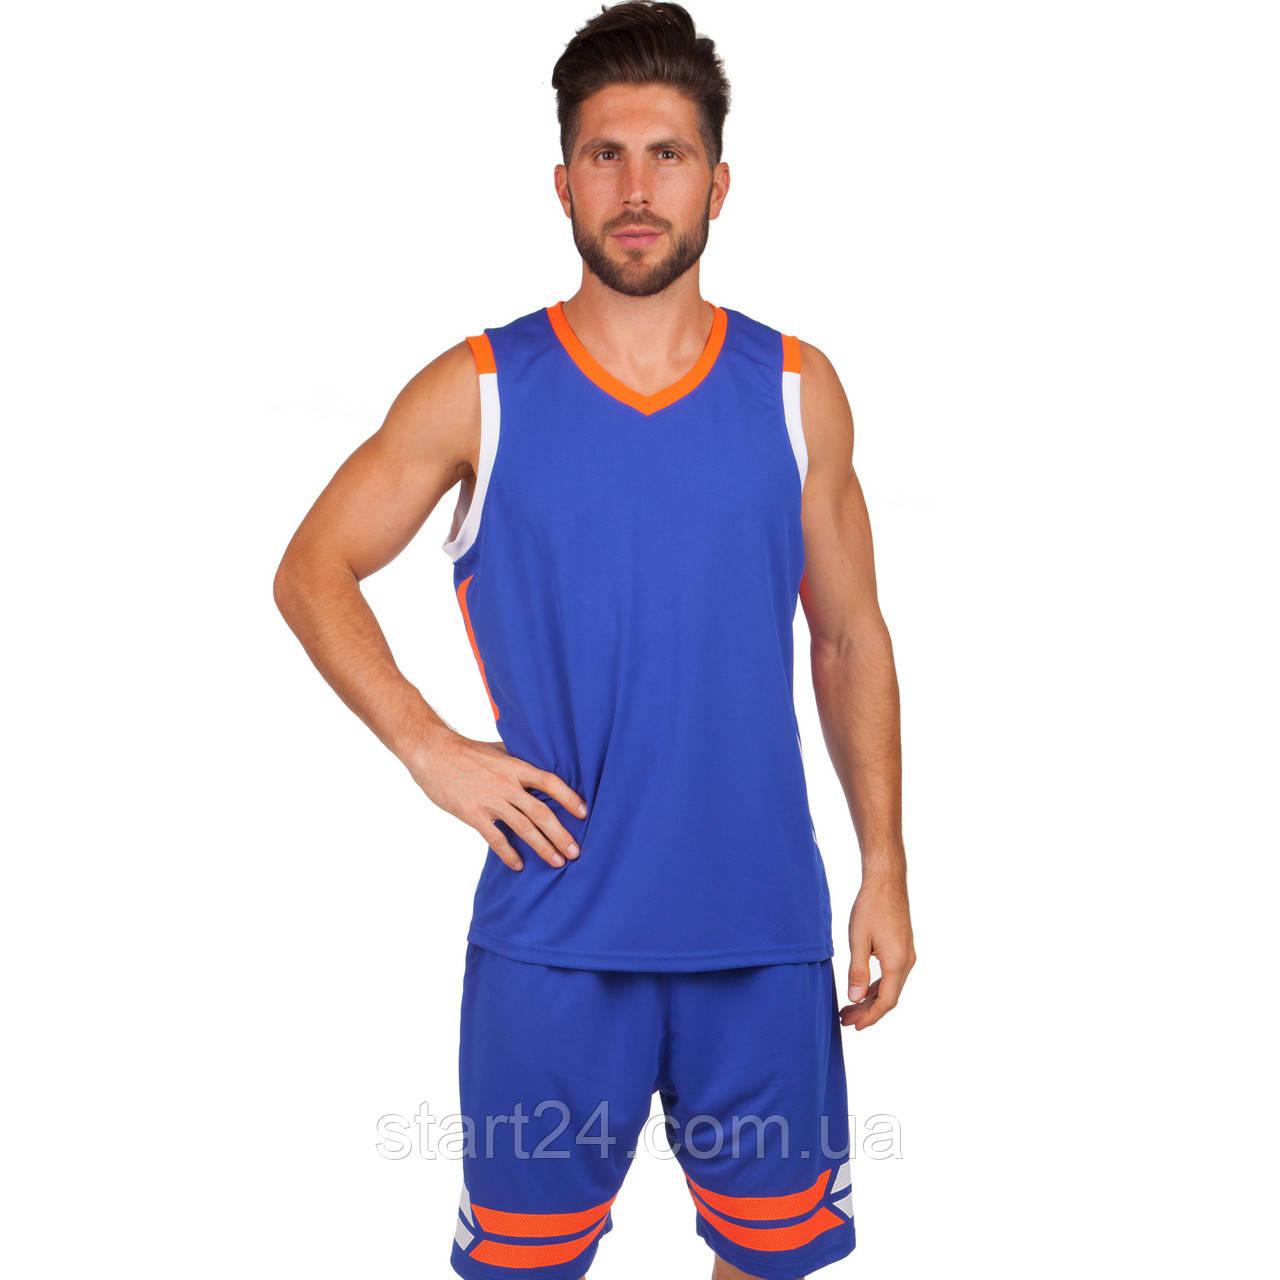 Форма баскетбольна чоловіча Lingo LD-8019 (PL, розмір L-5XL 160-190, кольори в асортименті)